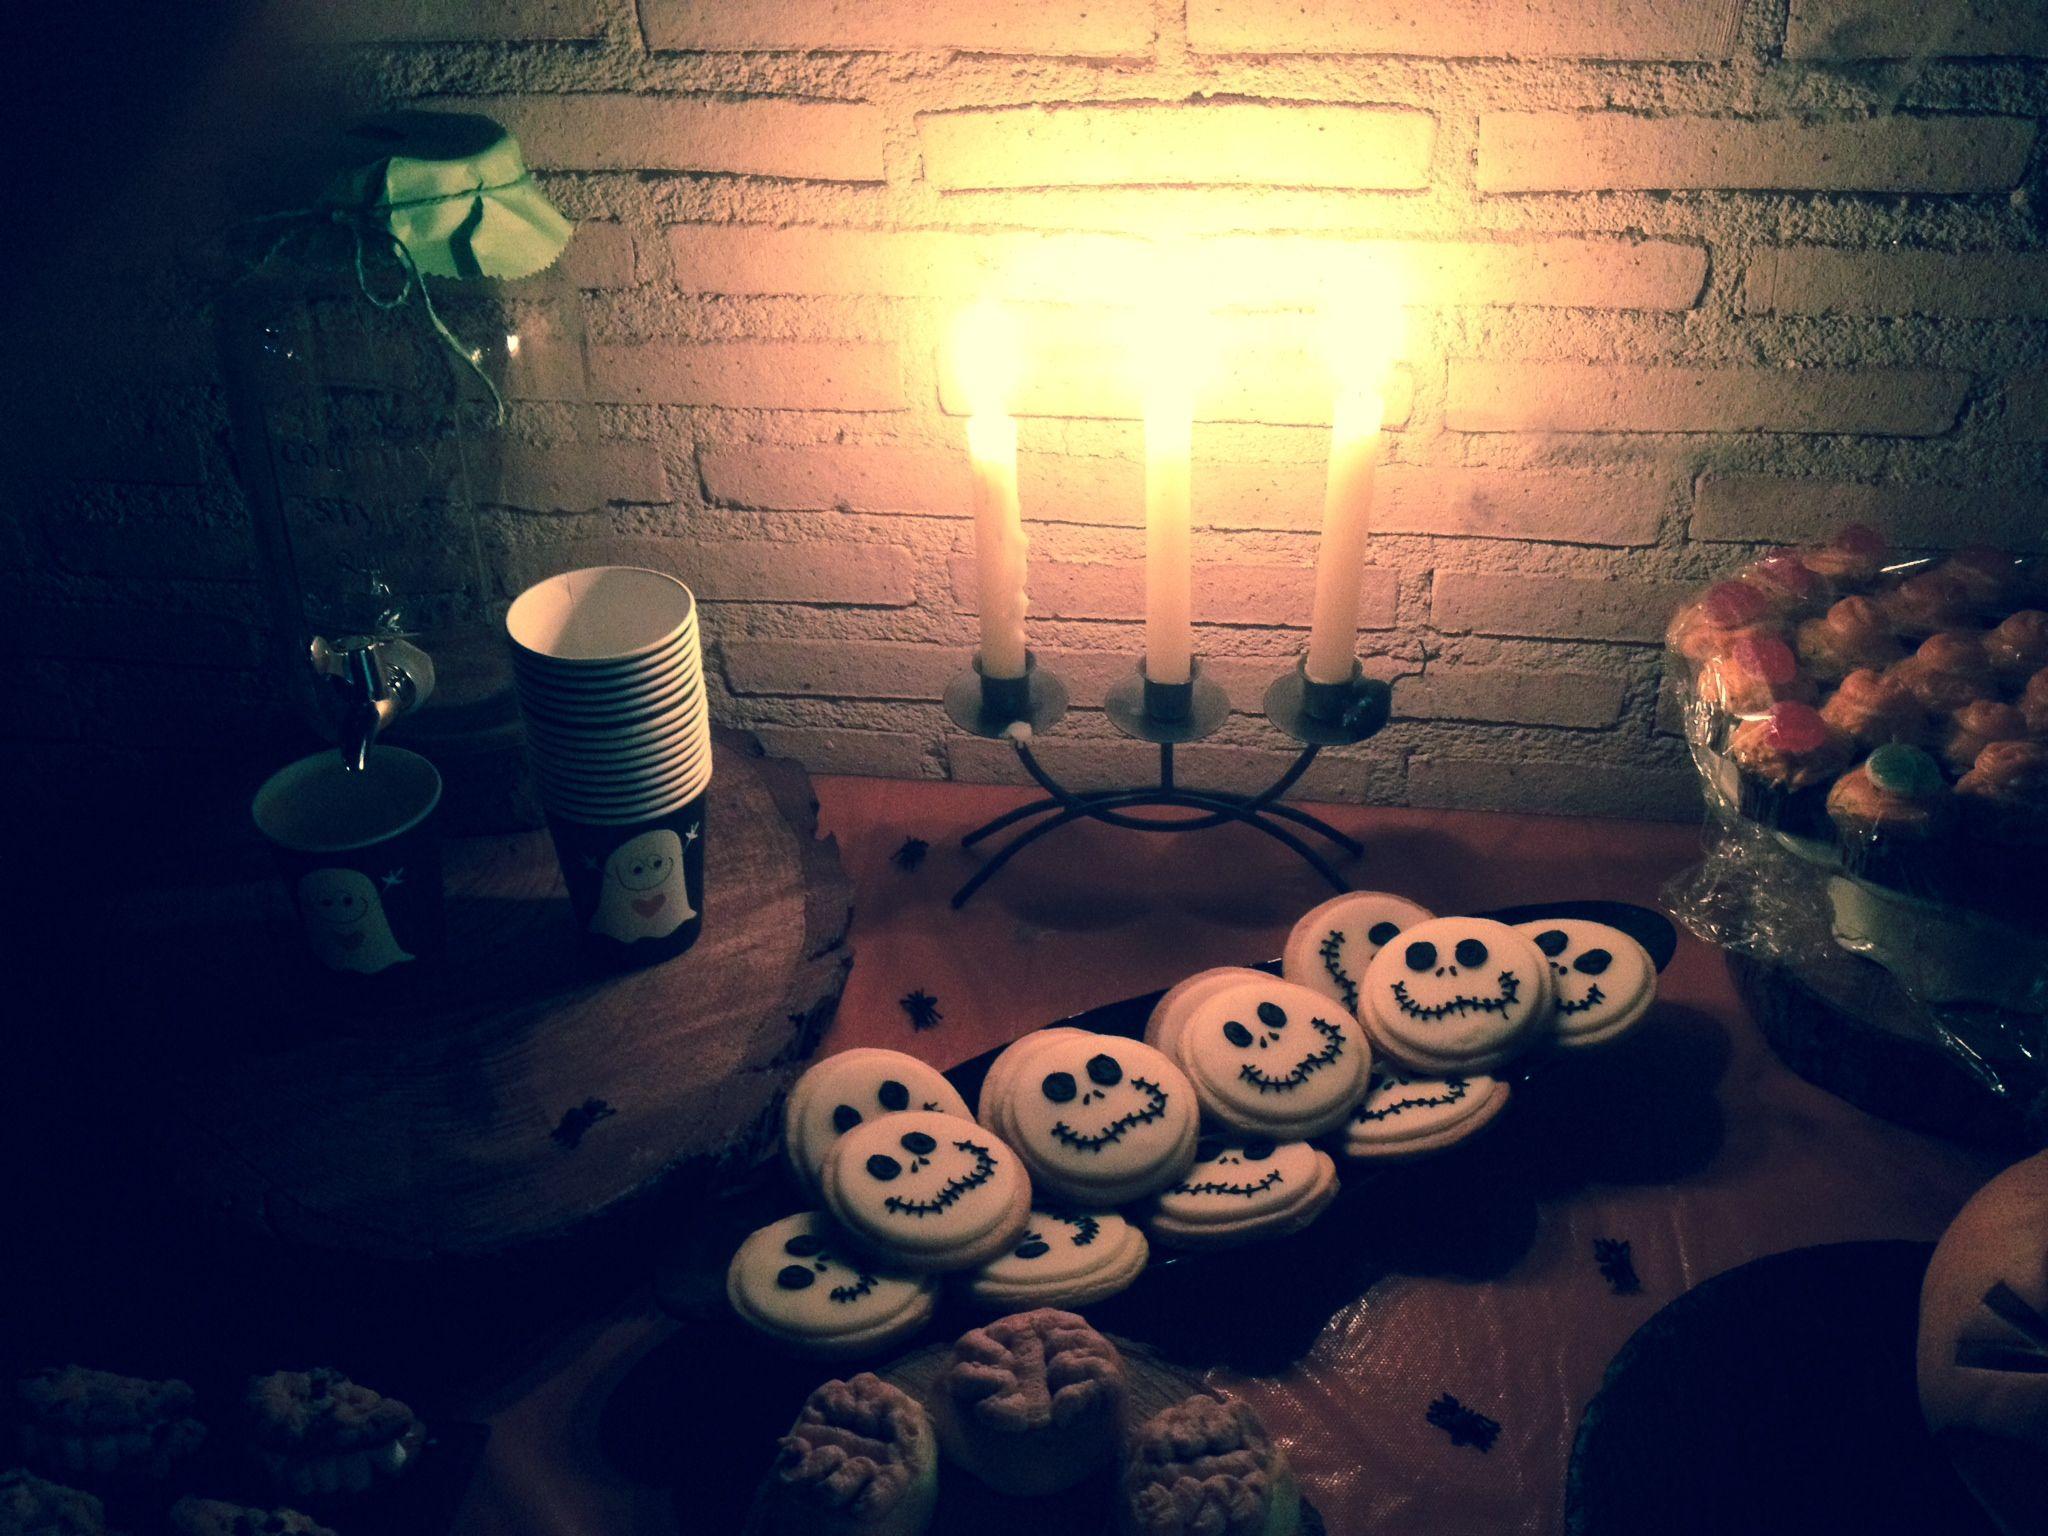 Jack's cookies, nightmare before christmas